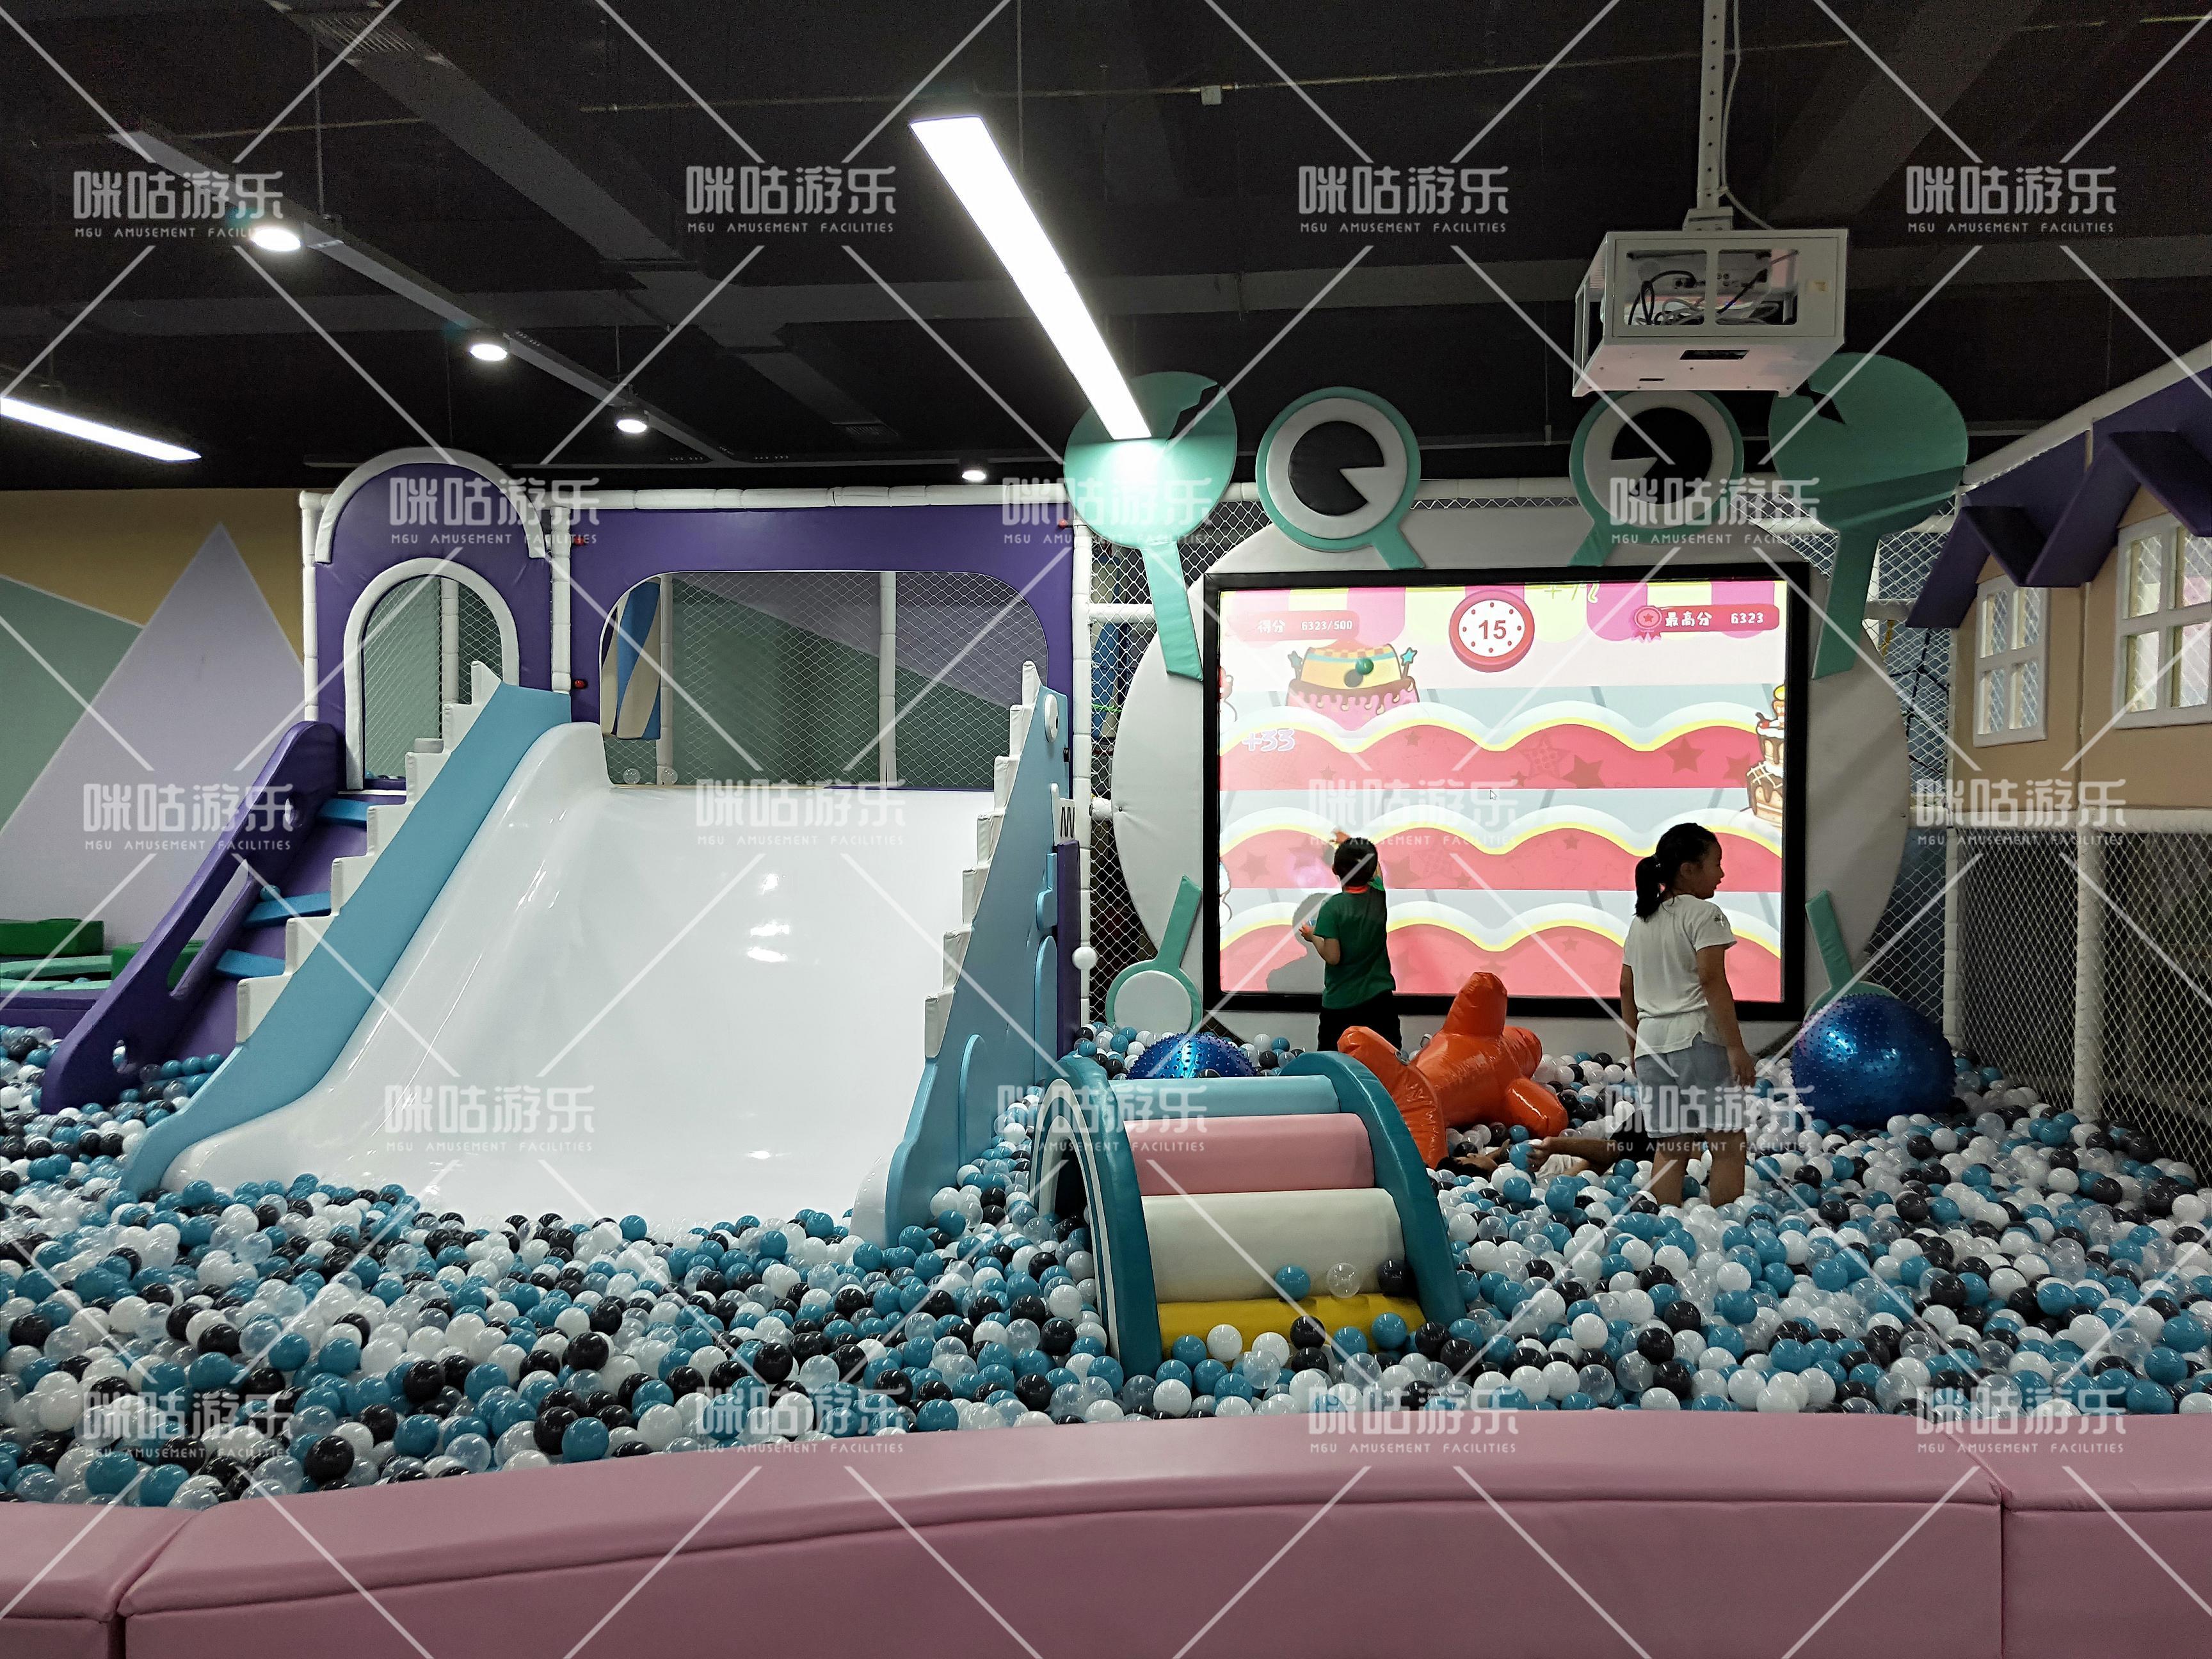 微信图片_20200429155852.jpg 如何判断哪家儿童淘气堡设备厂家是最好的? 加盟资讯 游乐设备第2张